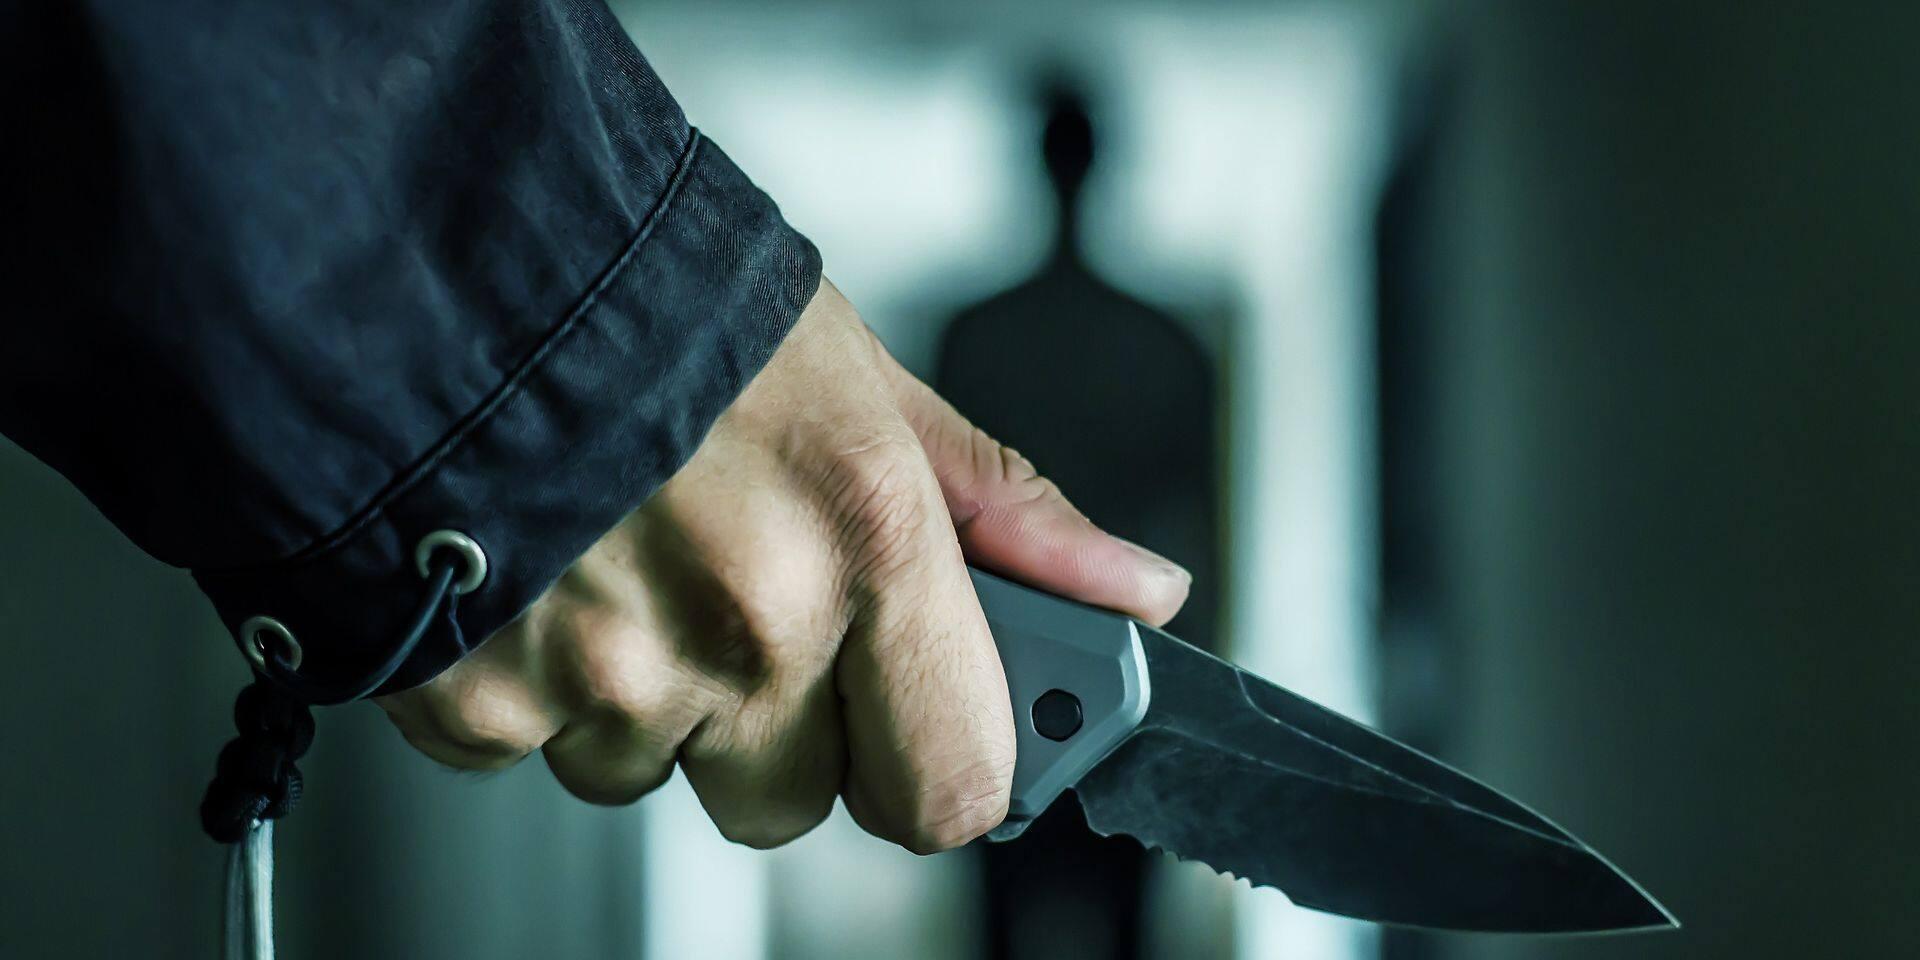 Saint-Ghislain: La double tentative de meurtre pourrait être requalifiée en coups et blessures